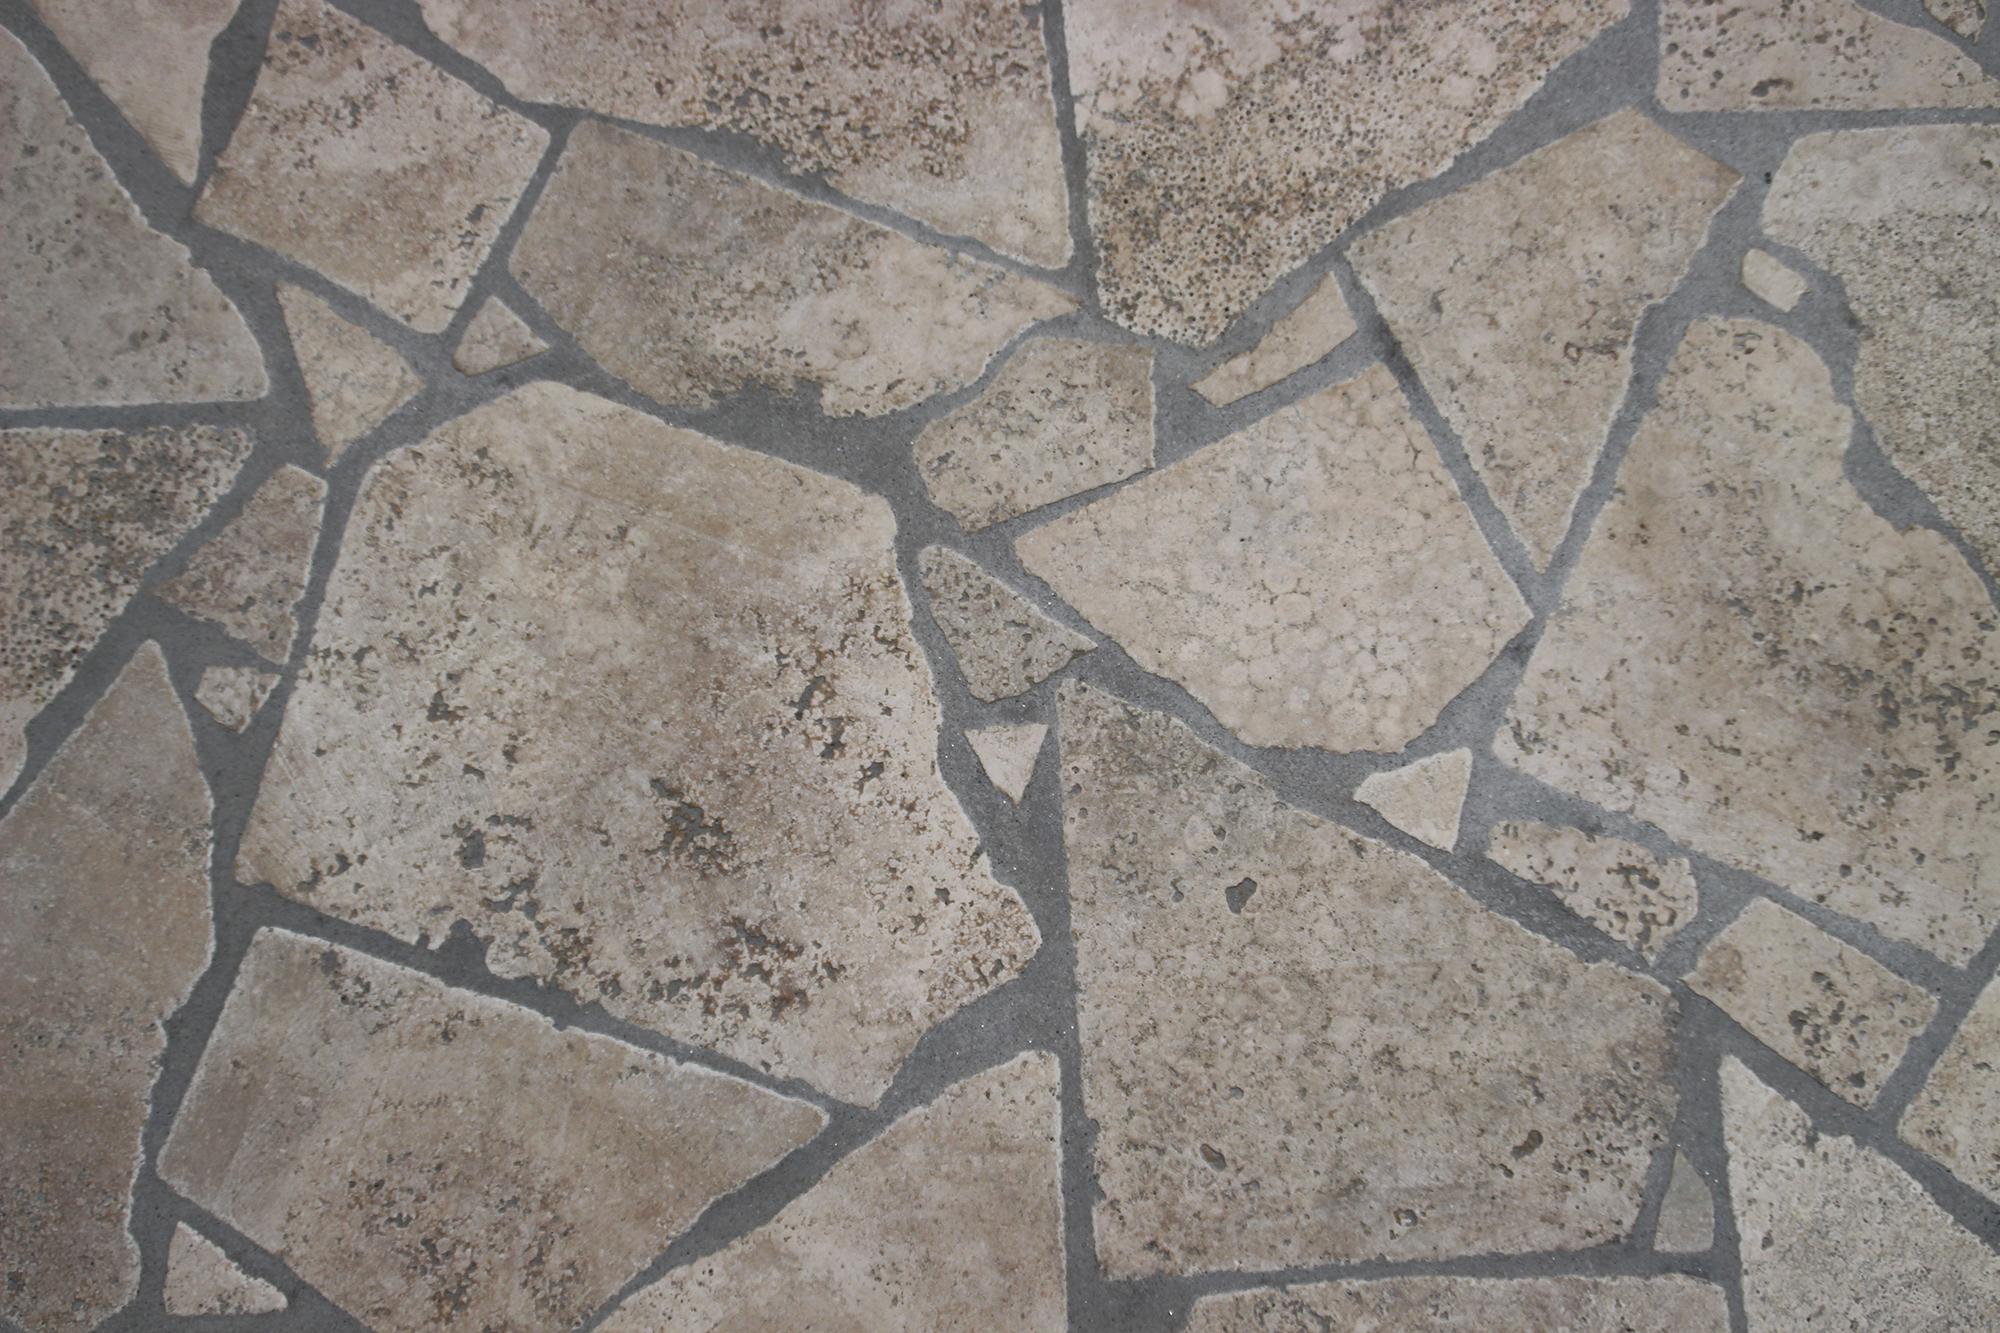 Pietra pavimentazione esterna archivi pavimenti per esterni in pietra naturale appia antica srl - Mosaico per esterno ...